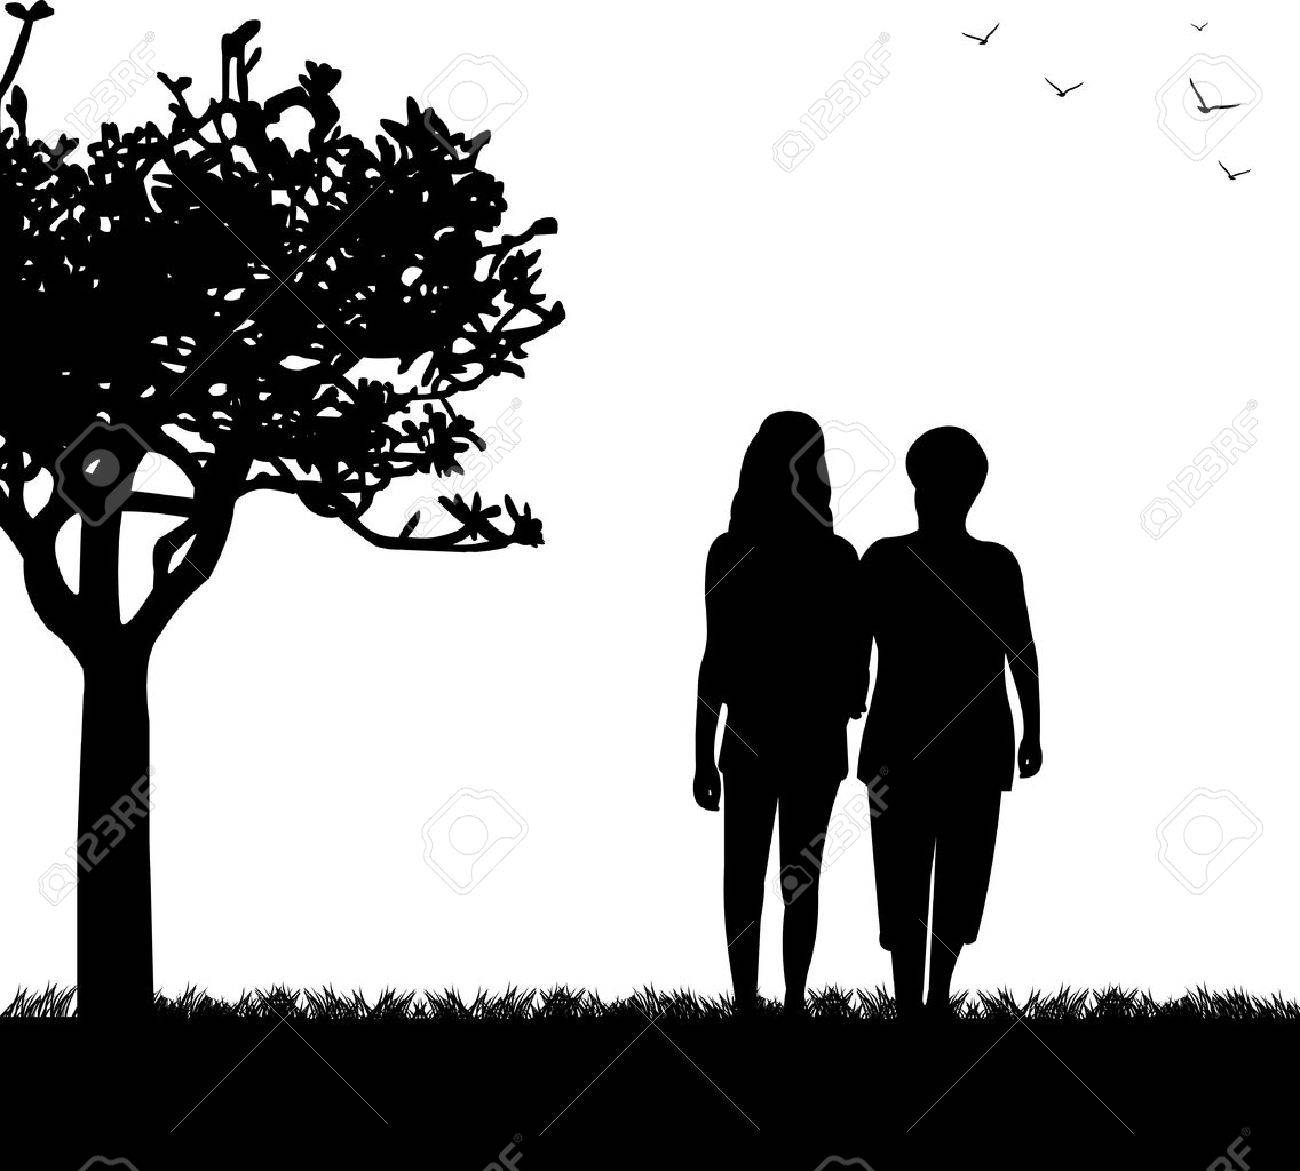 Madre E Hija Caminando En El Parque En La Serie De Imágenes